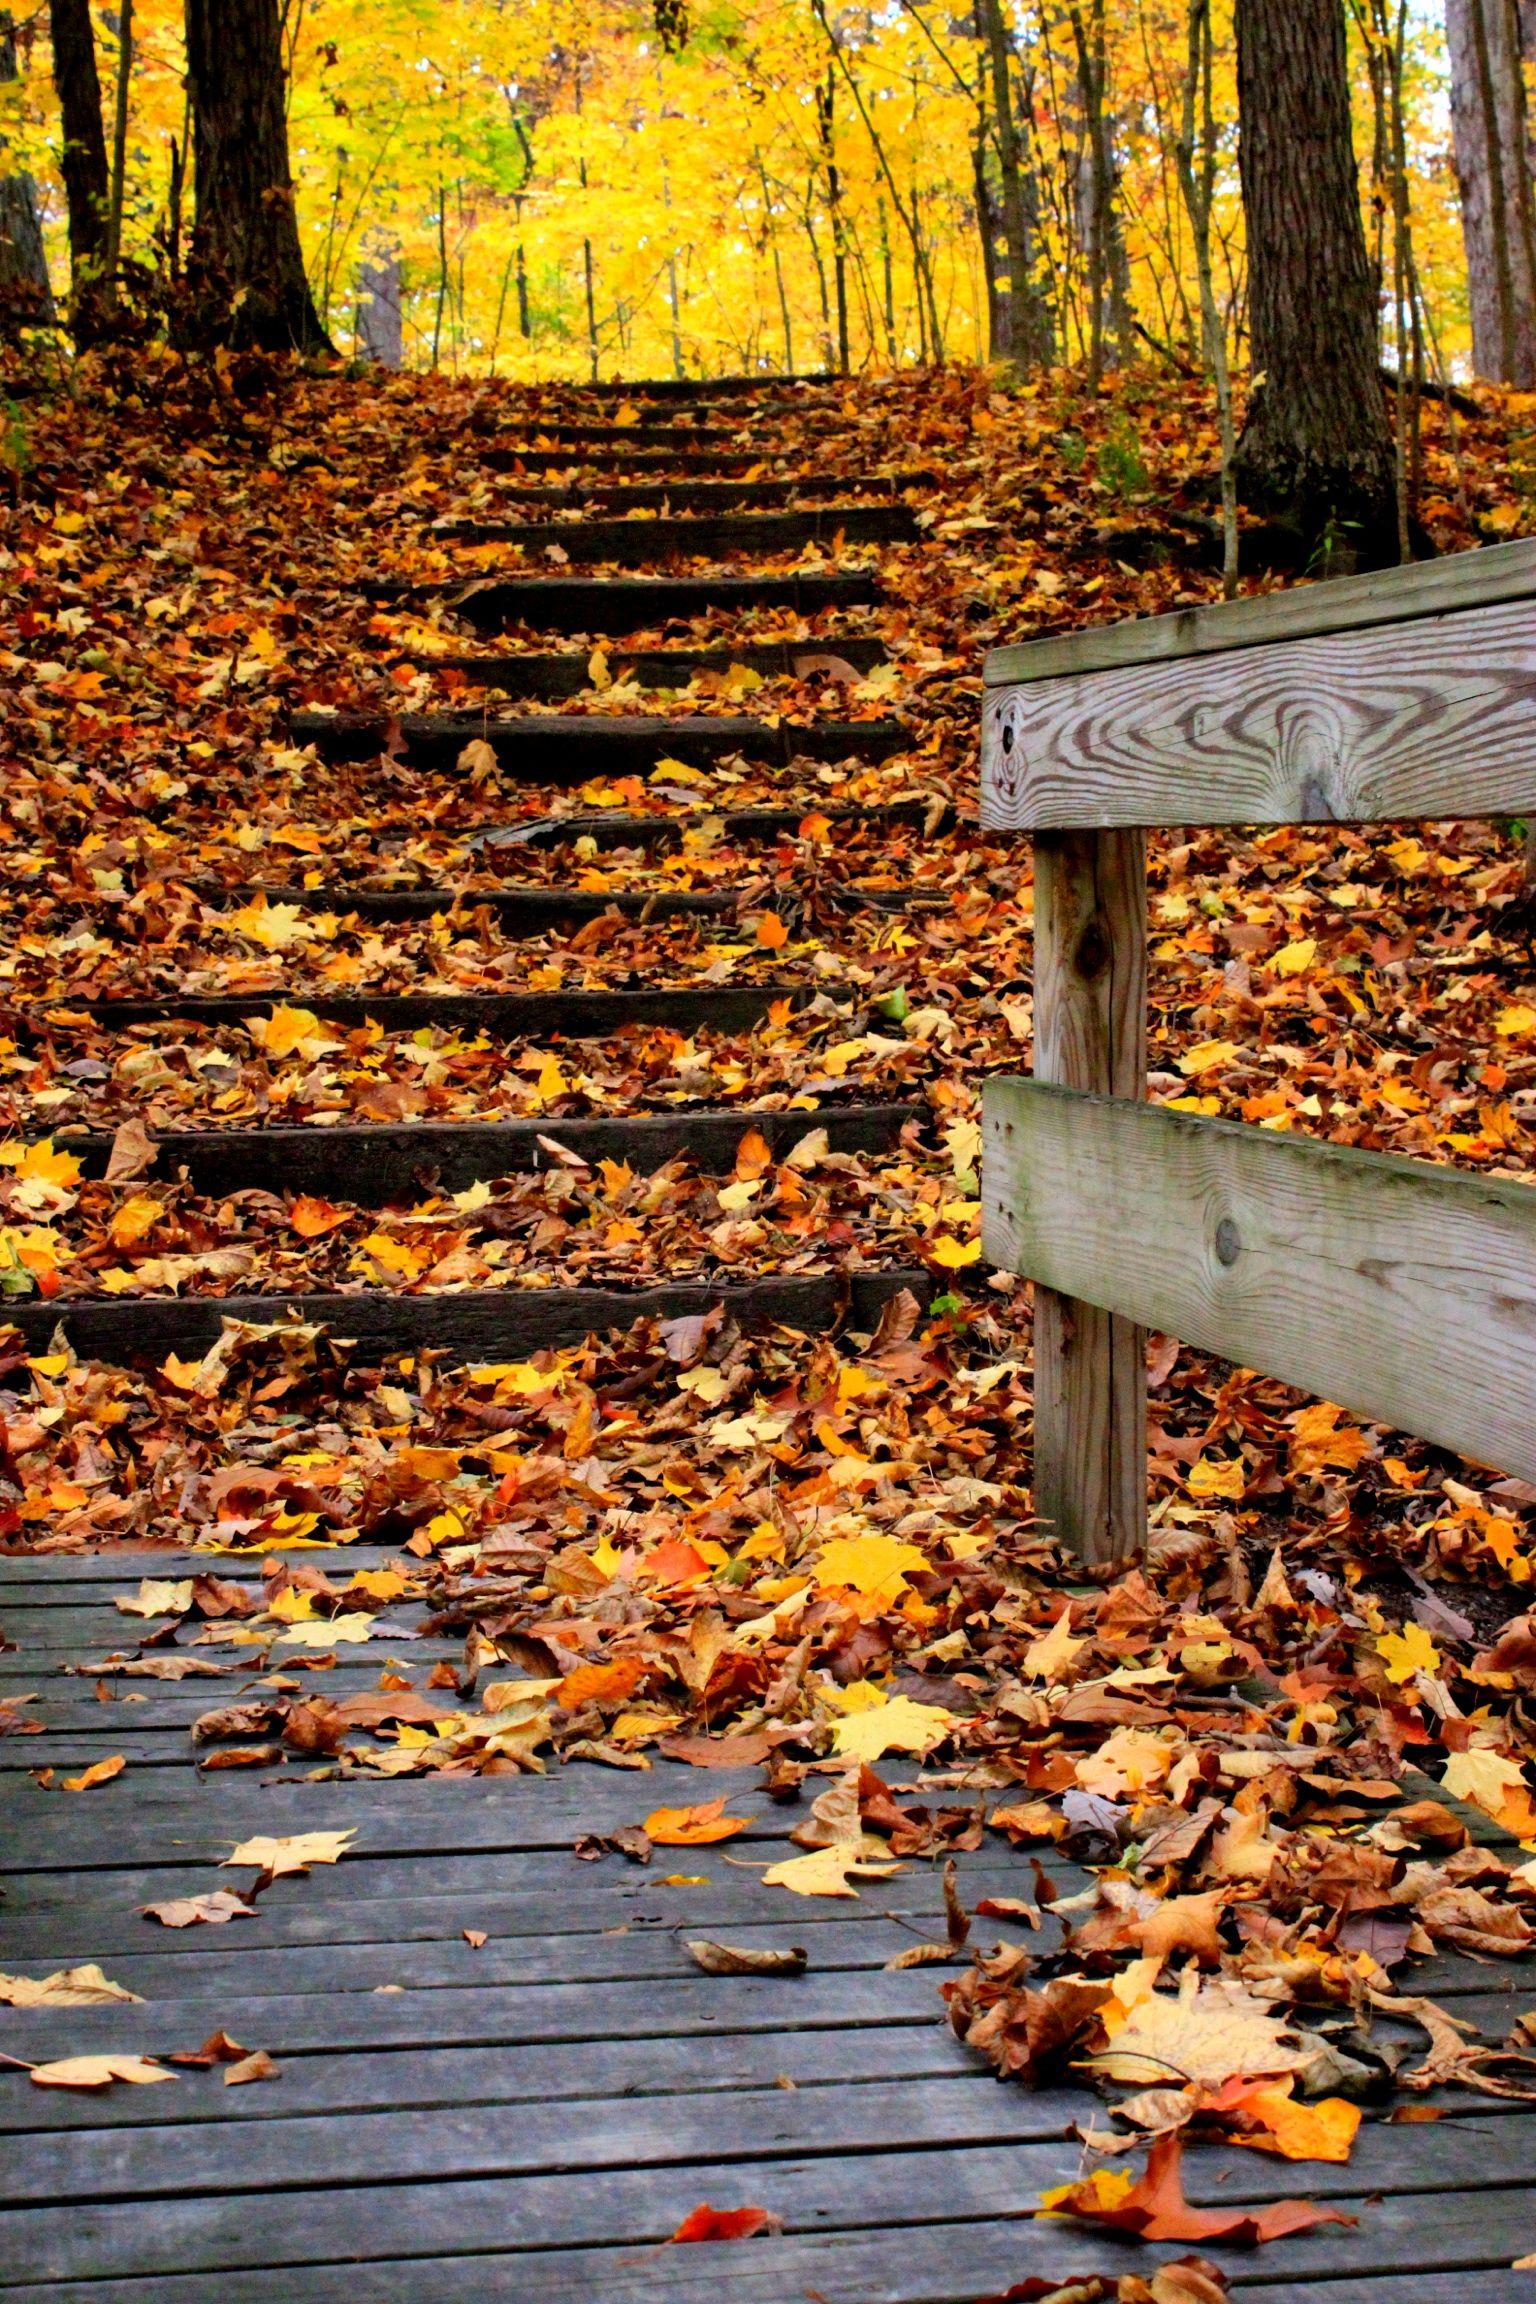 Hiking In The Beautiful Fall Scenery